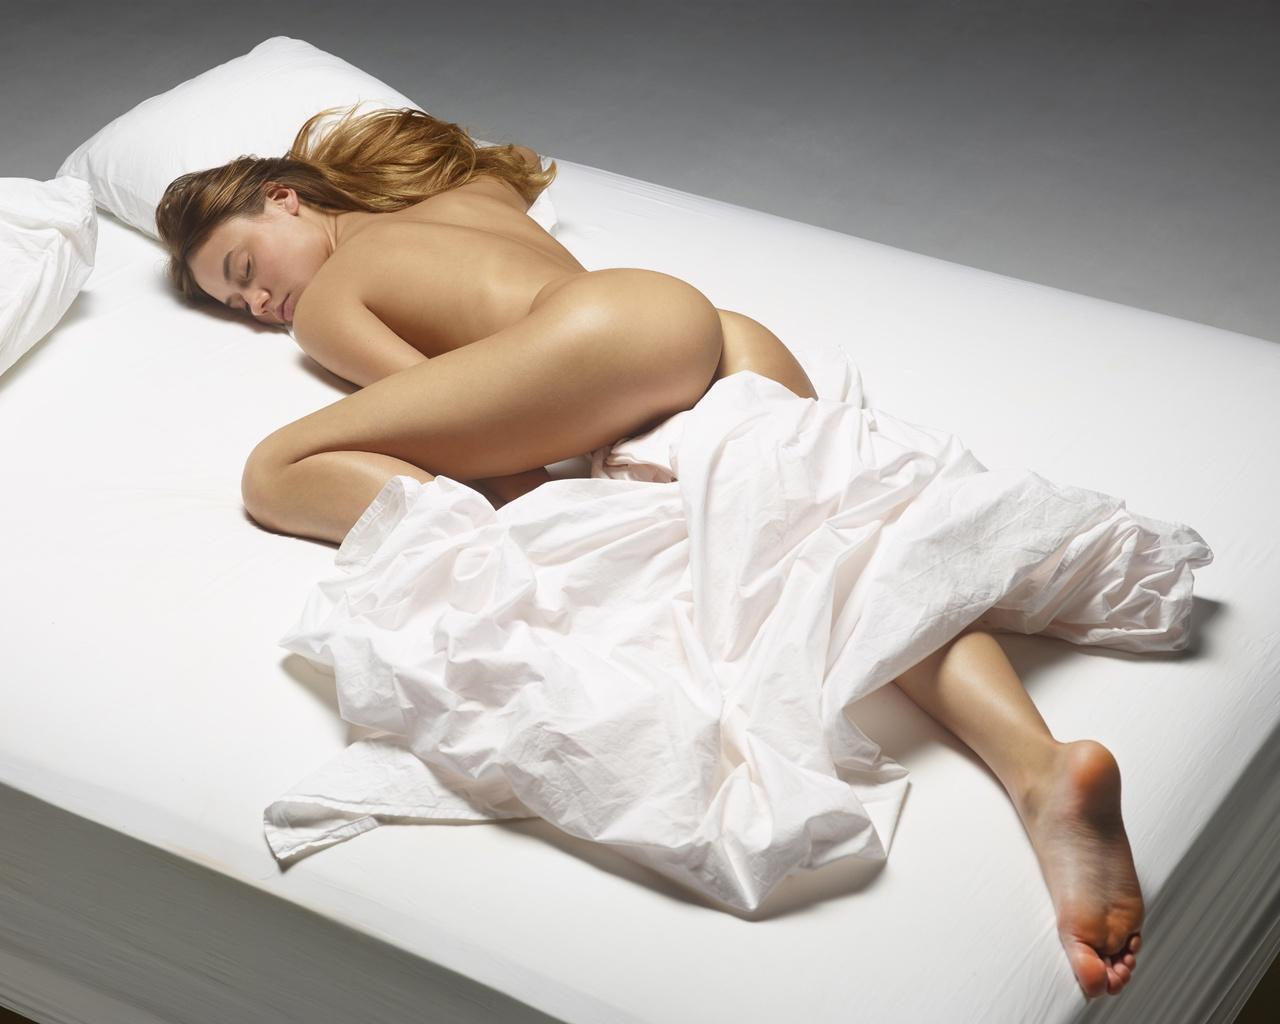 Эротично спящие девушки, Порно спящие, секс со спящими девушками видео 27 фотография